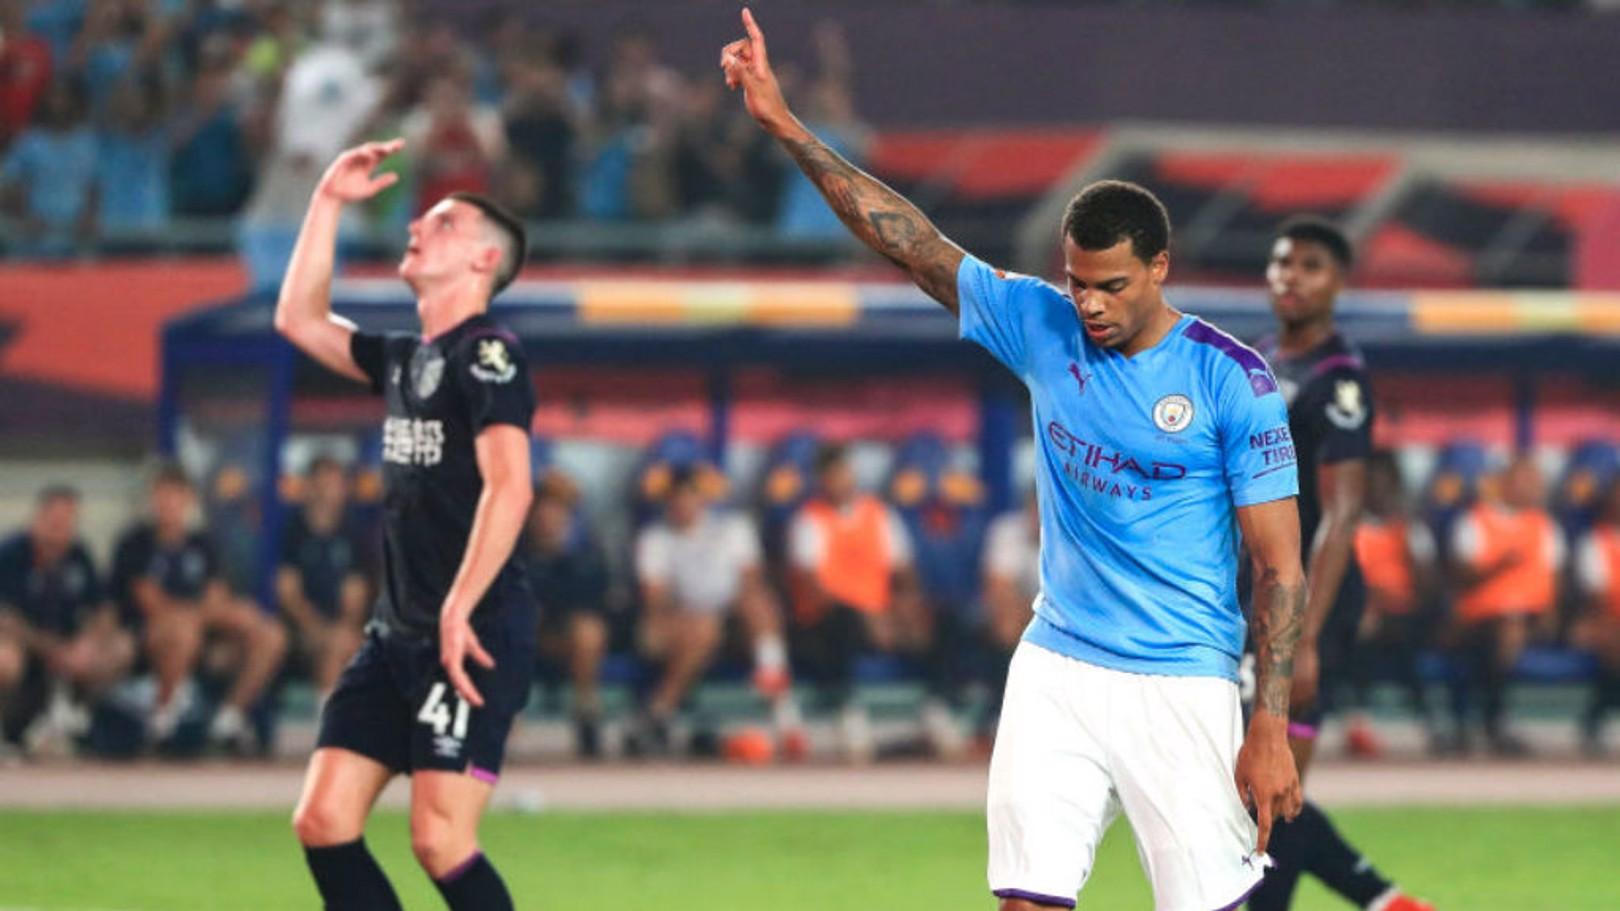 LOAN SWITCH: Lukas has joined Middlesbrough on loan